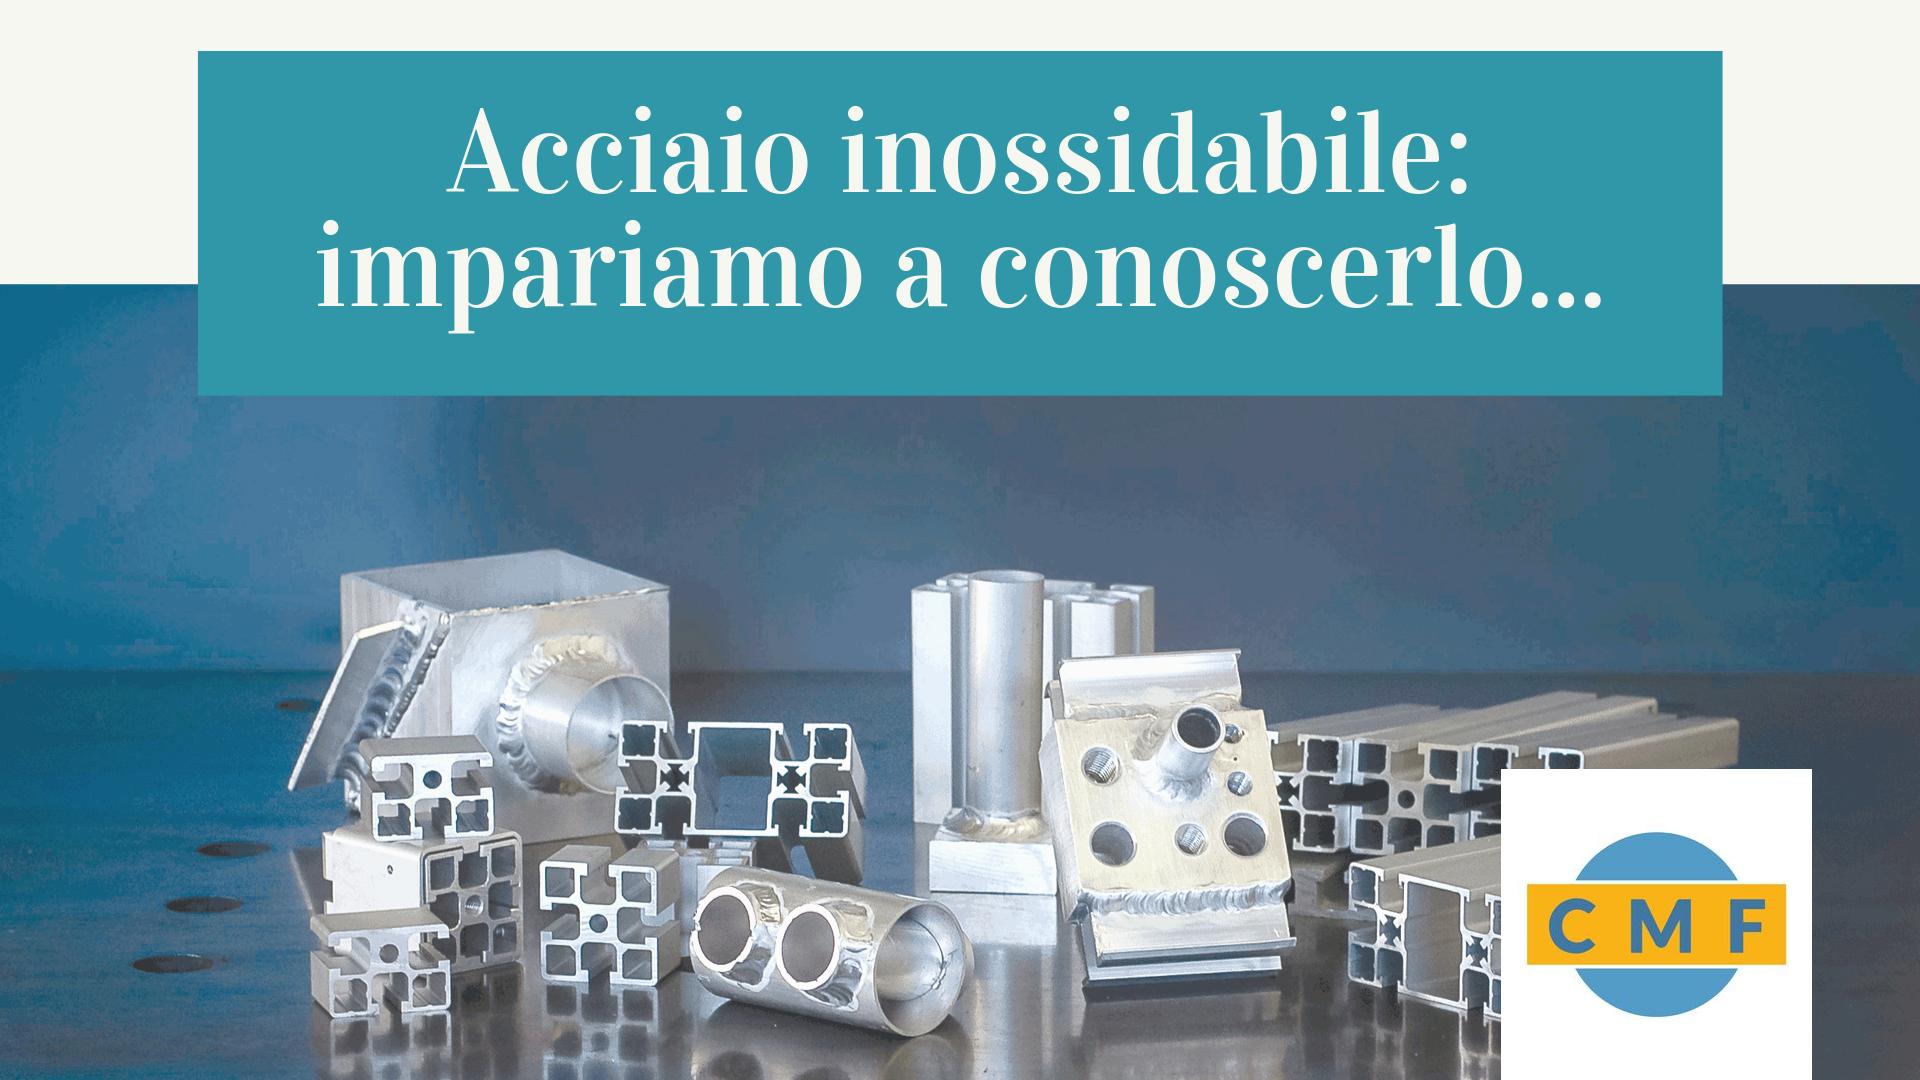 ACCIAIO INOSSIDABILE IMPARIAMO A CONOSCERLO...